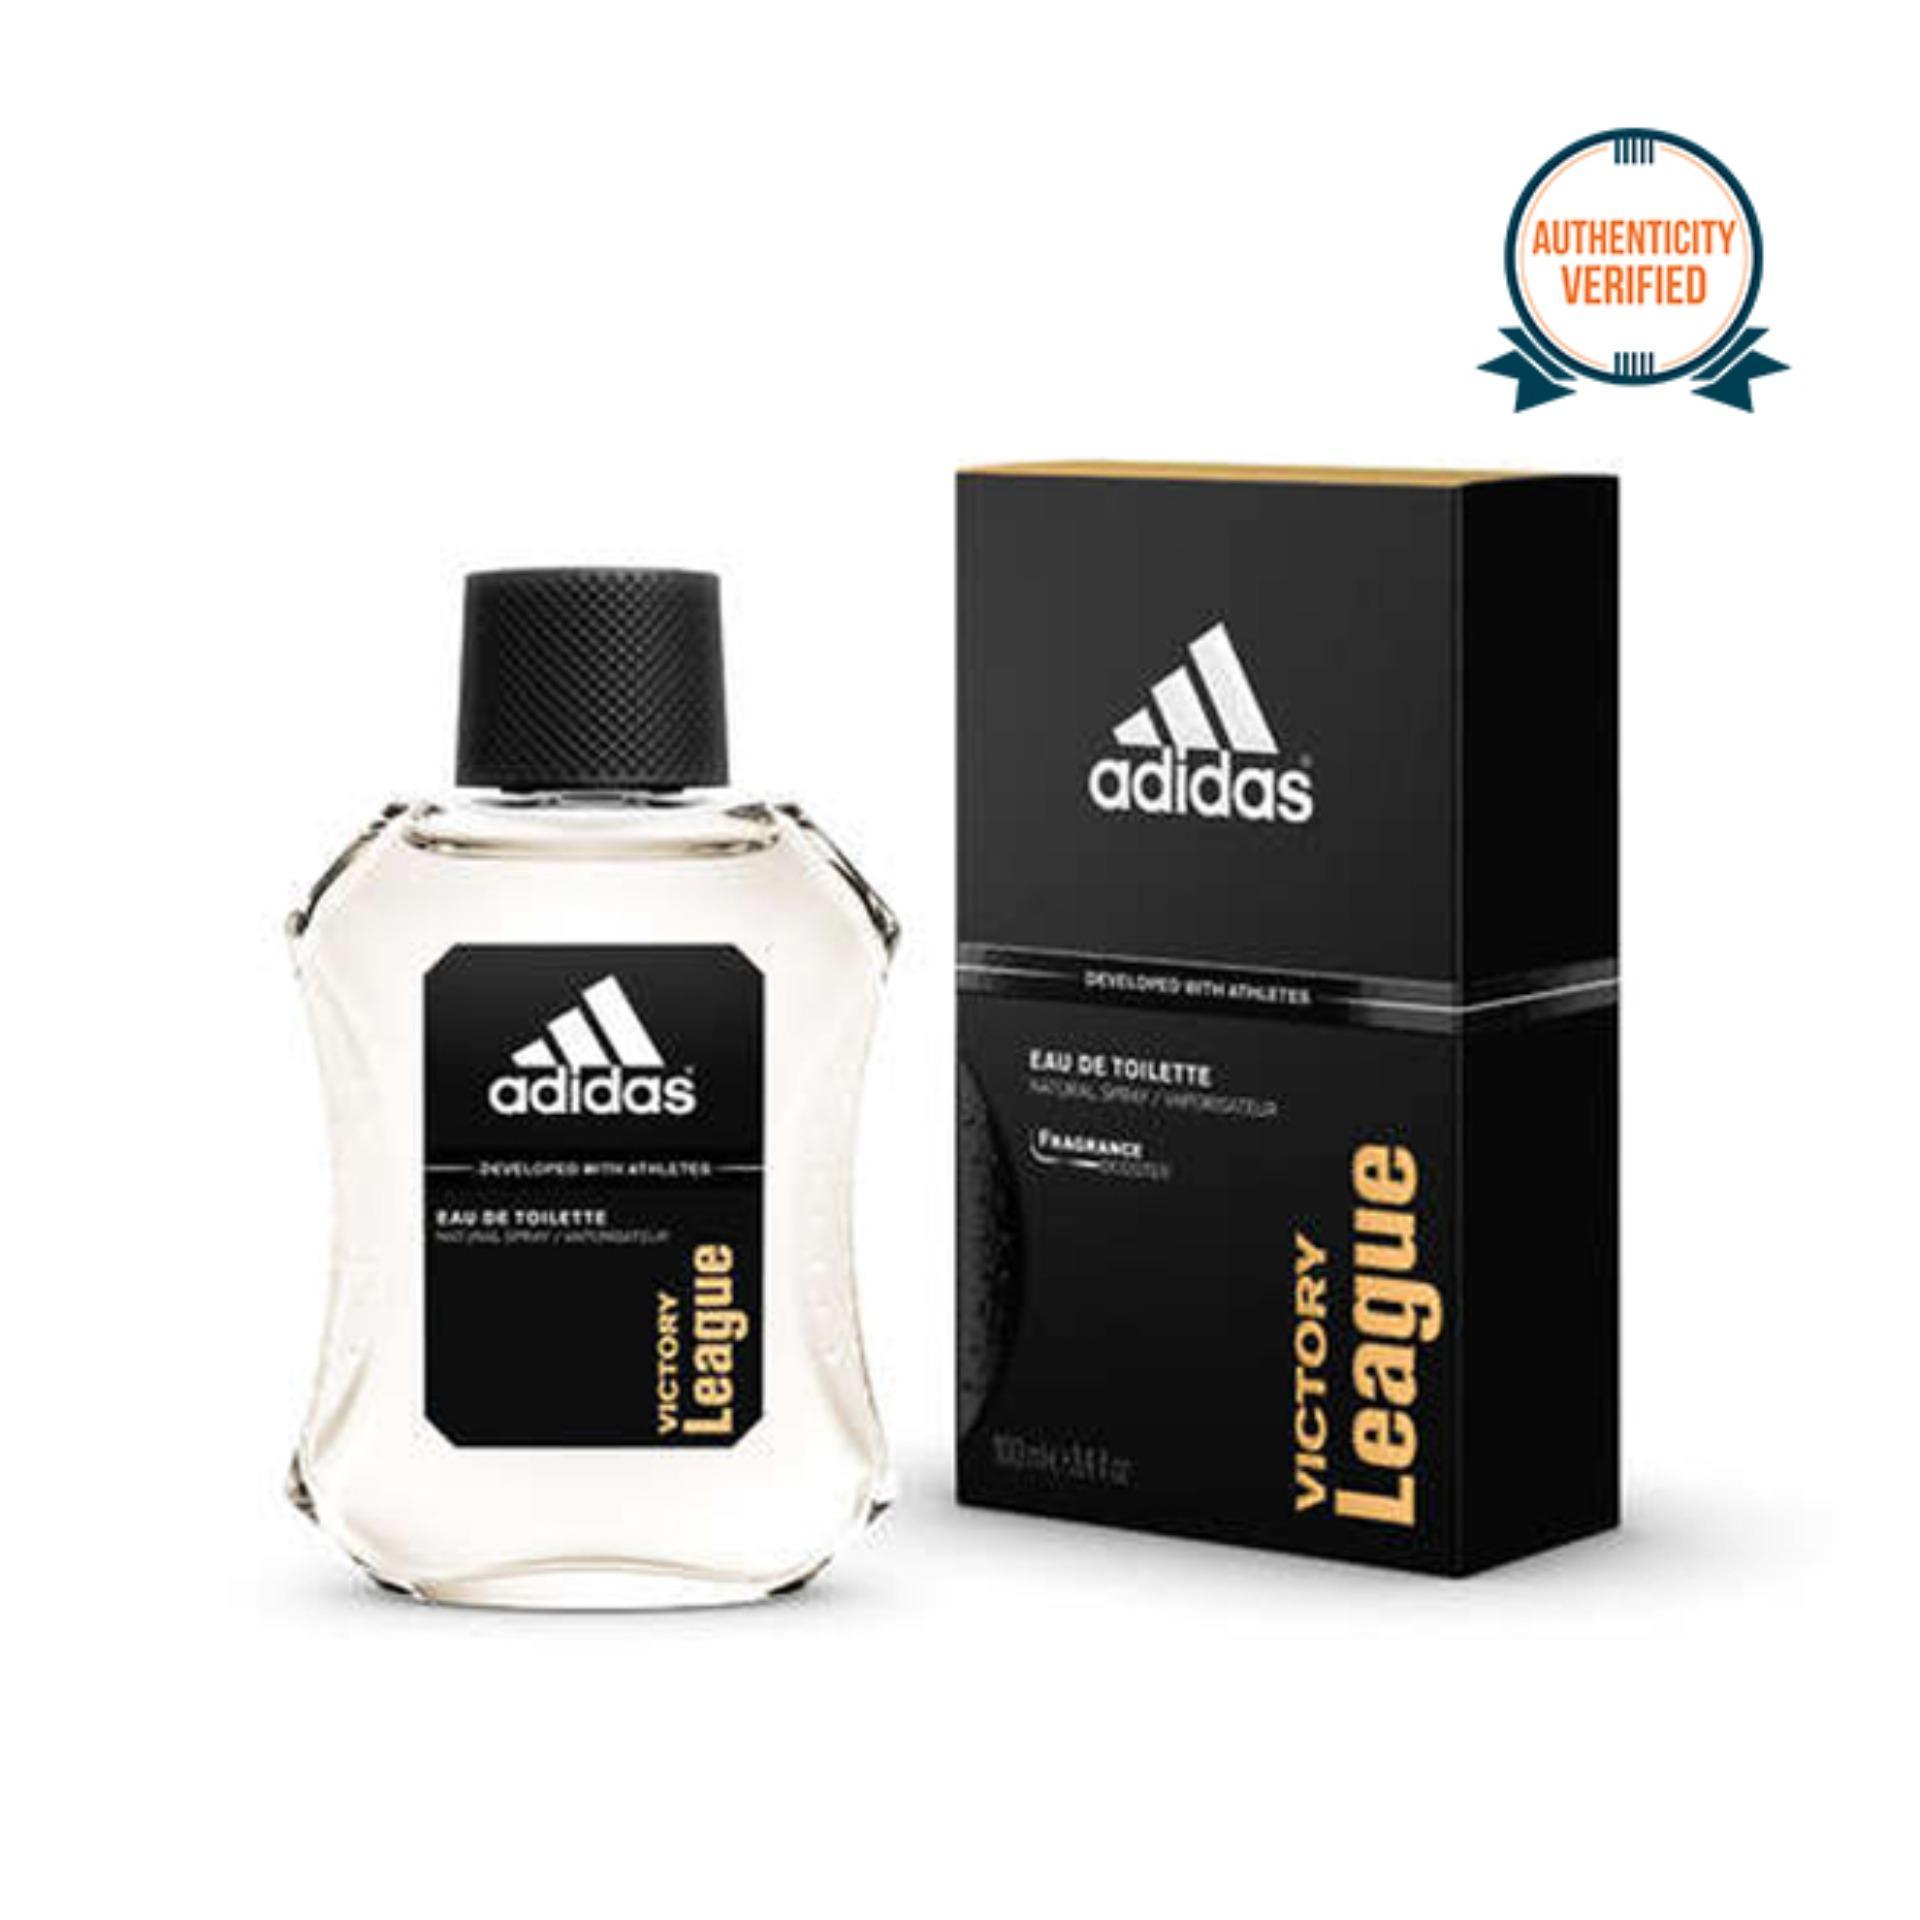 Adidas Victory League Eau De Toilette for Men 100ml - thumbnail